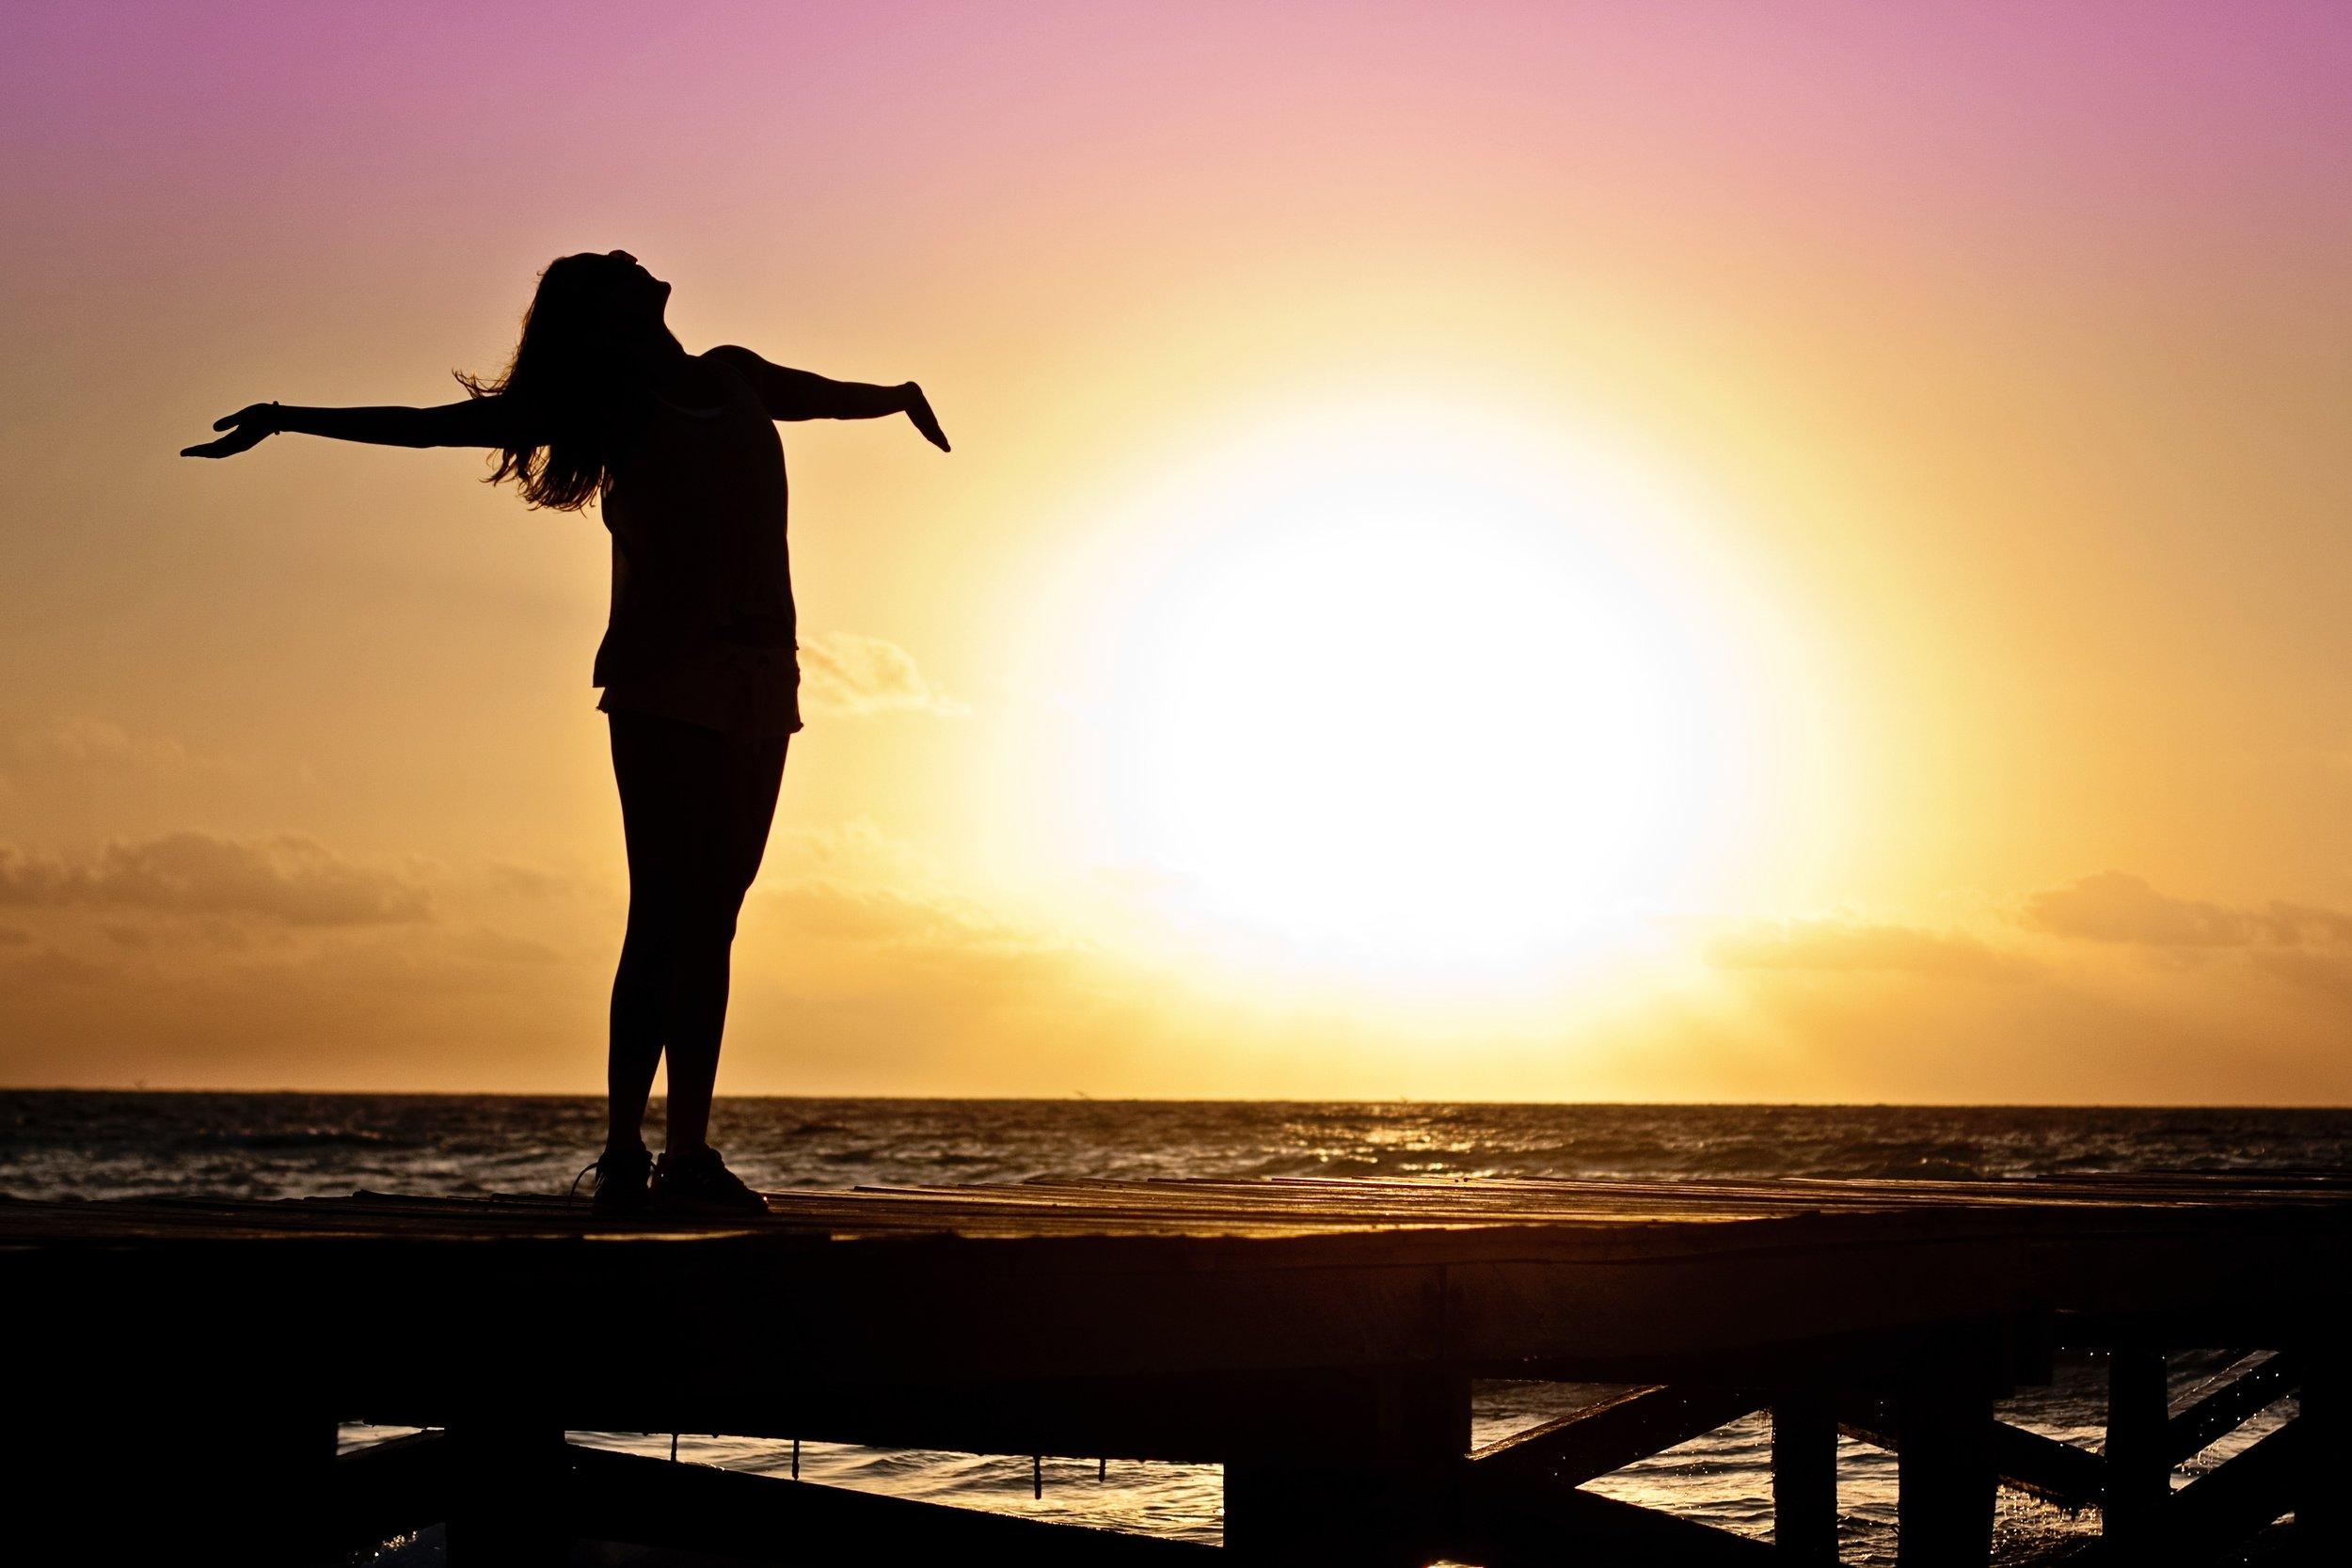 uwm.woman.spirit.beach-sea-horizon-silhouette-girl-sun-764600-pxhere.com (1)